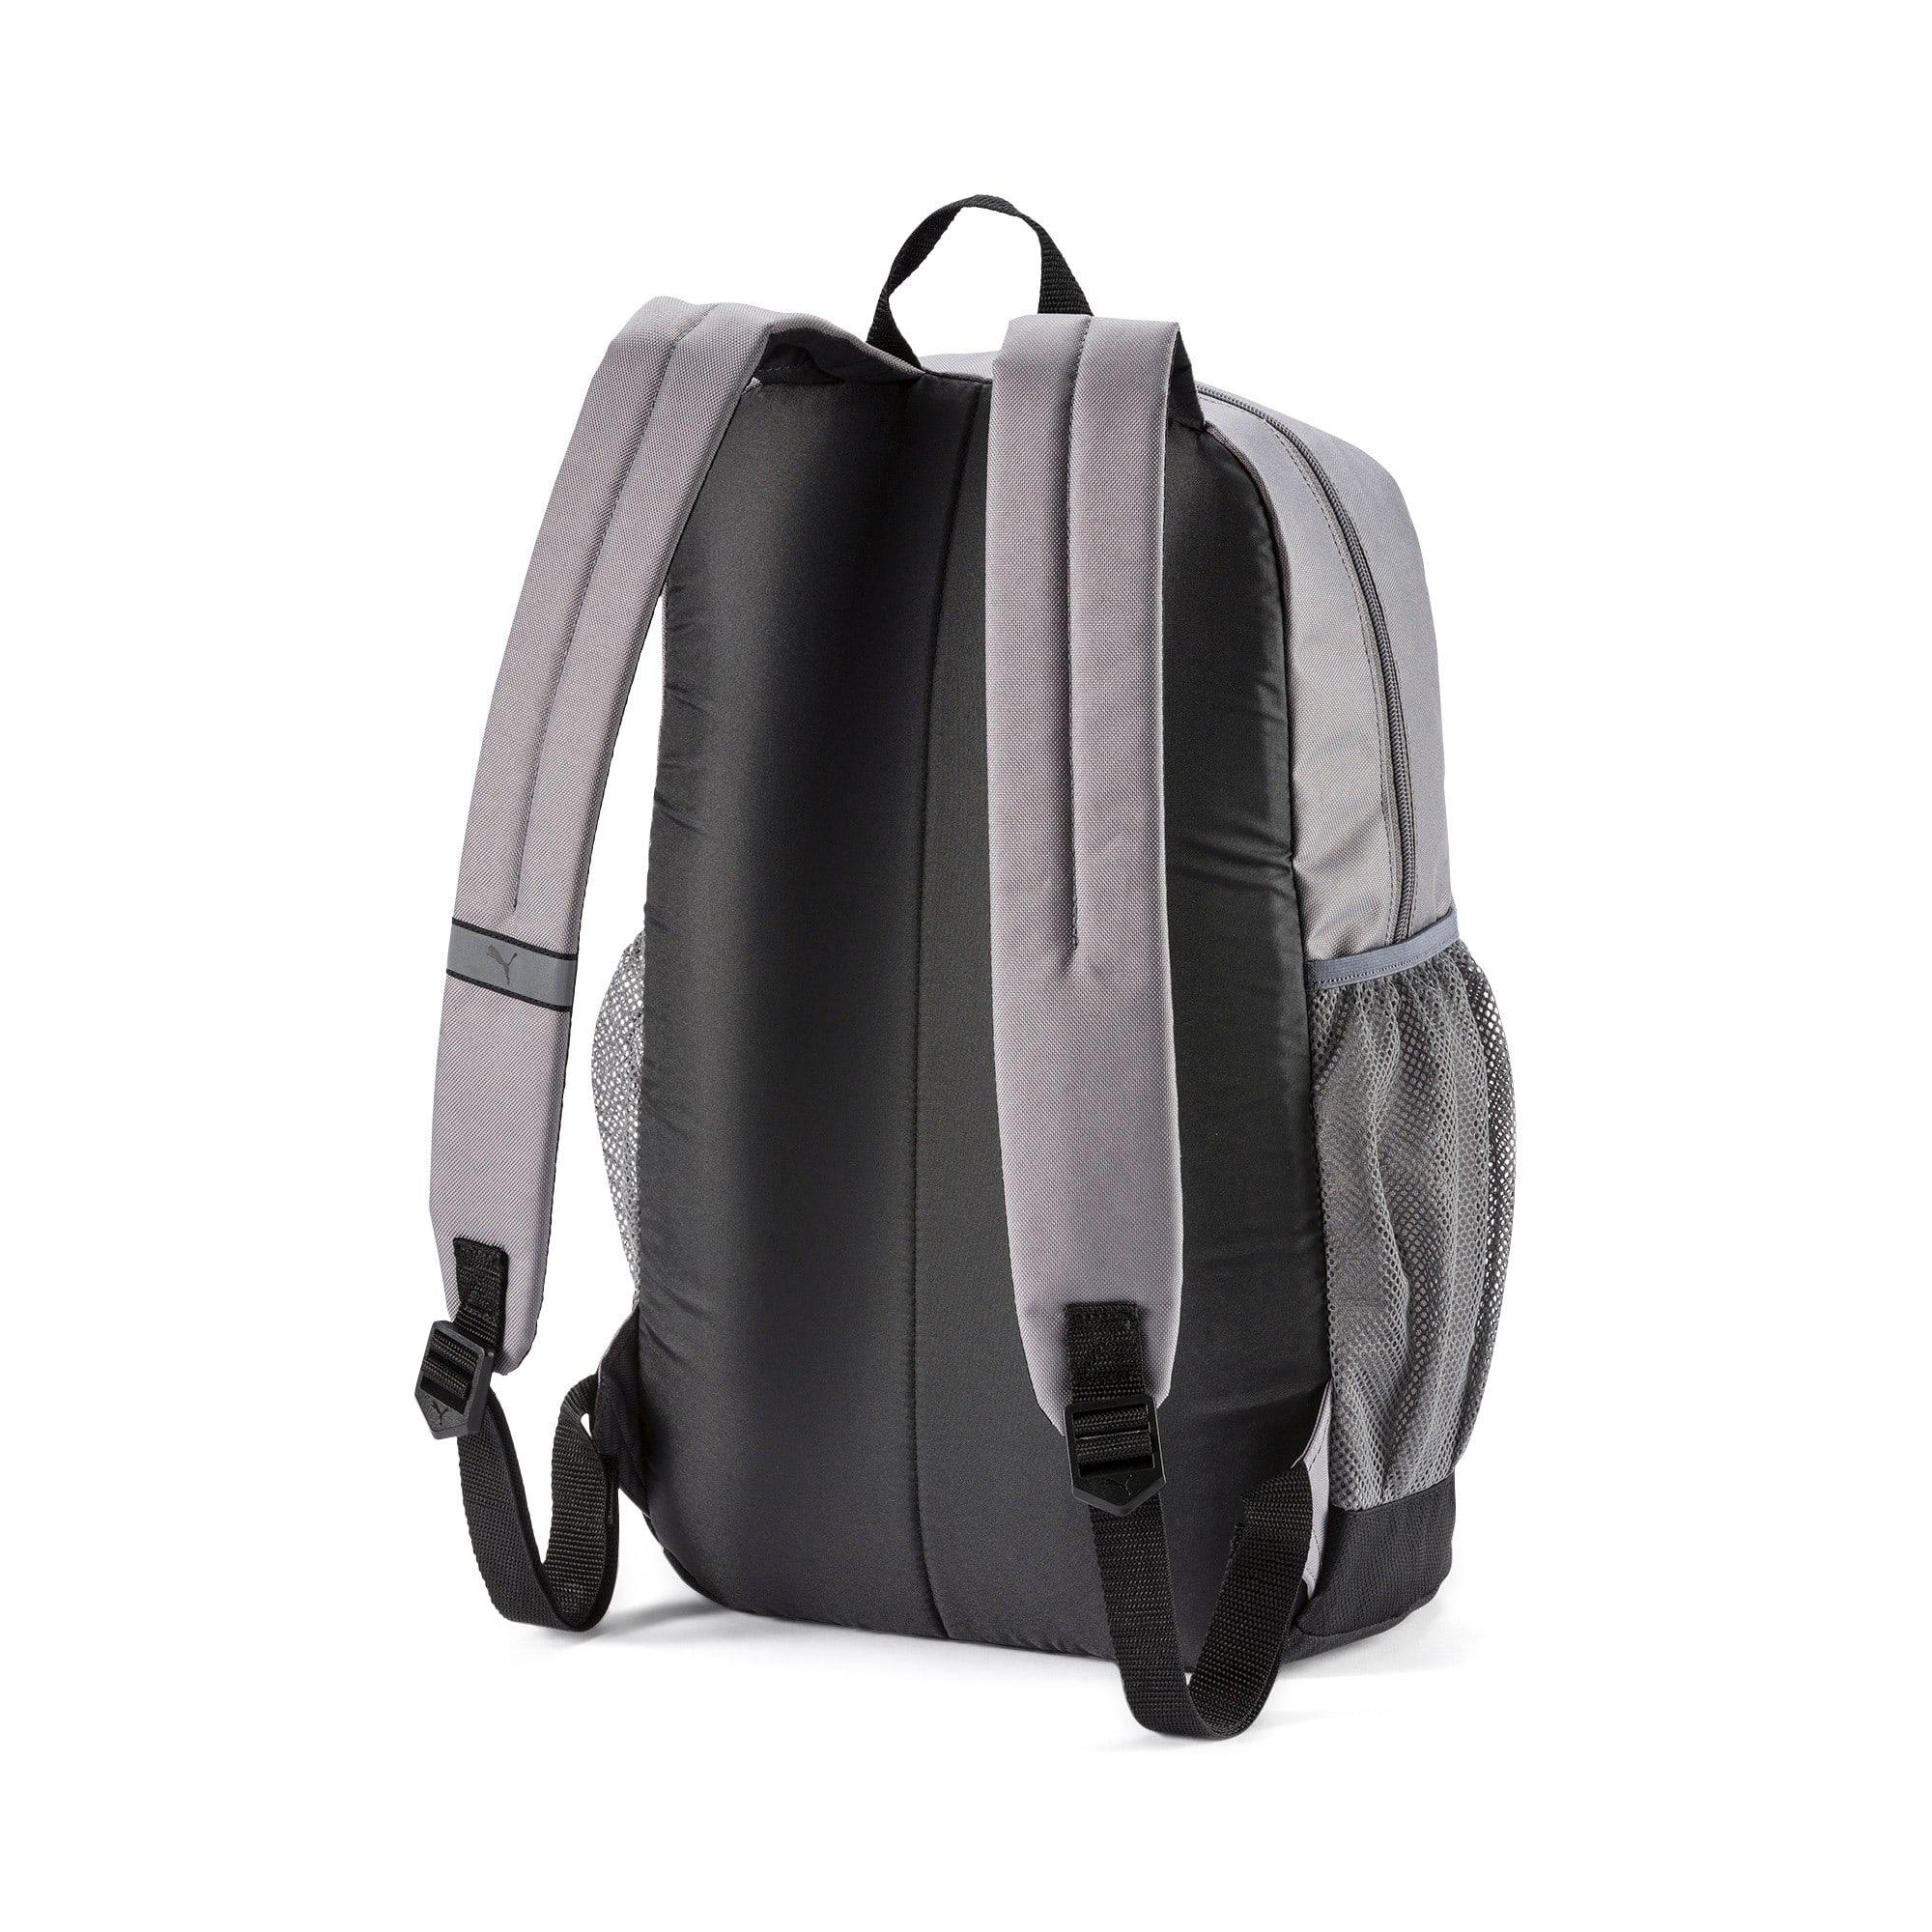 Thumbnail 2 of PUMA Plus Backpack II, CASTLEROCK-Puma Black, medium